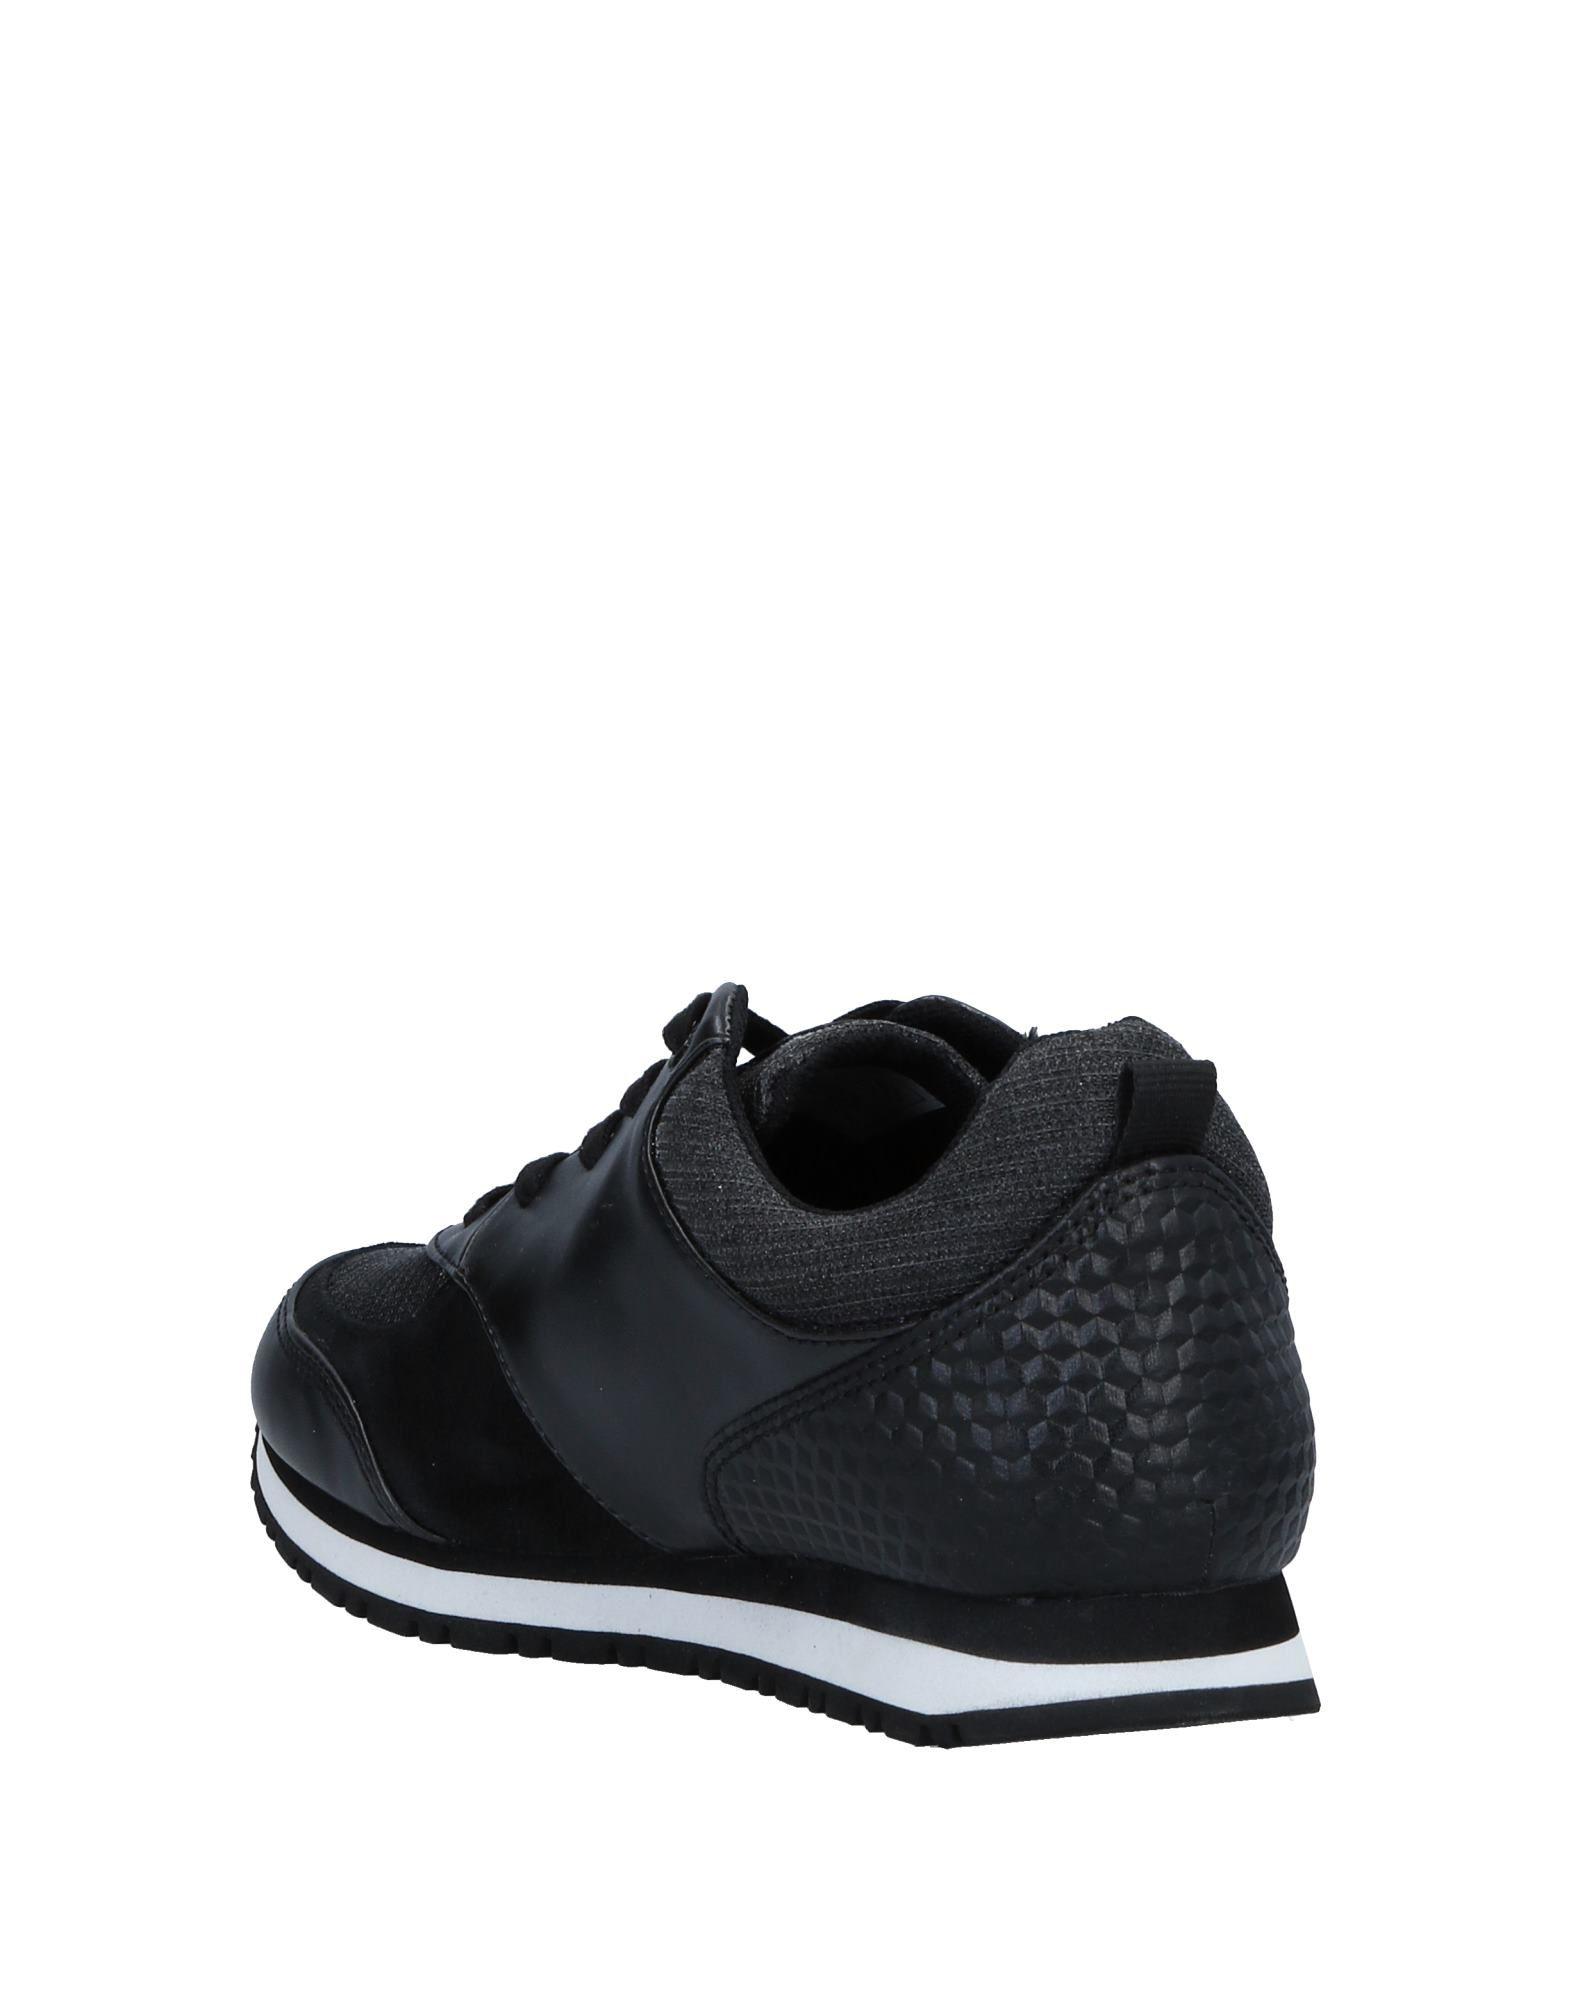 Stilvolle billige Sneakers Schuhe Guess Sneakers billige Damen  11521562GO 3644b5